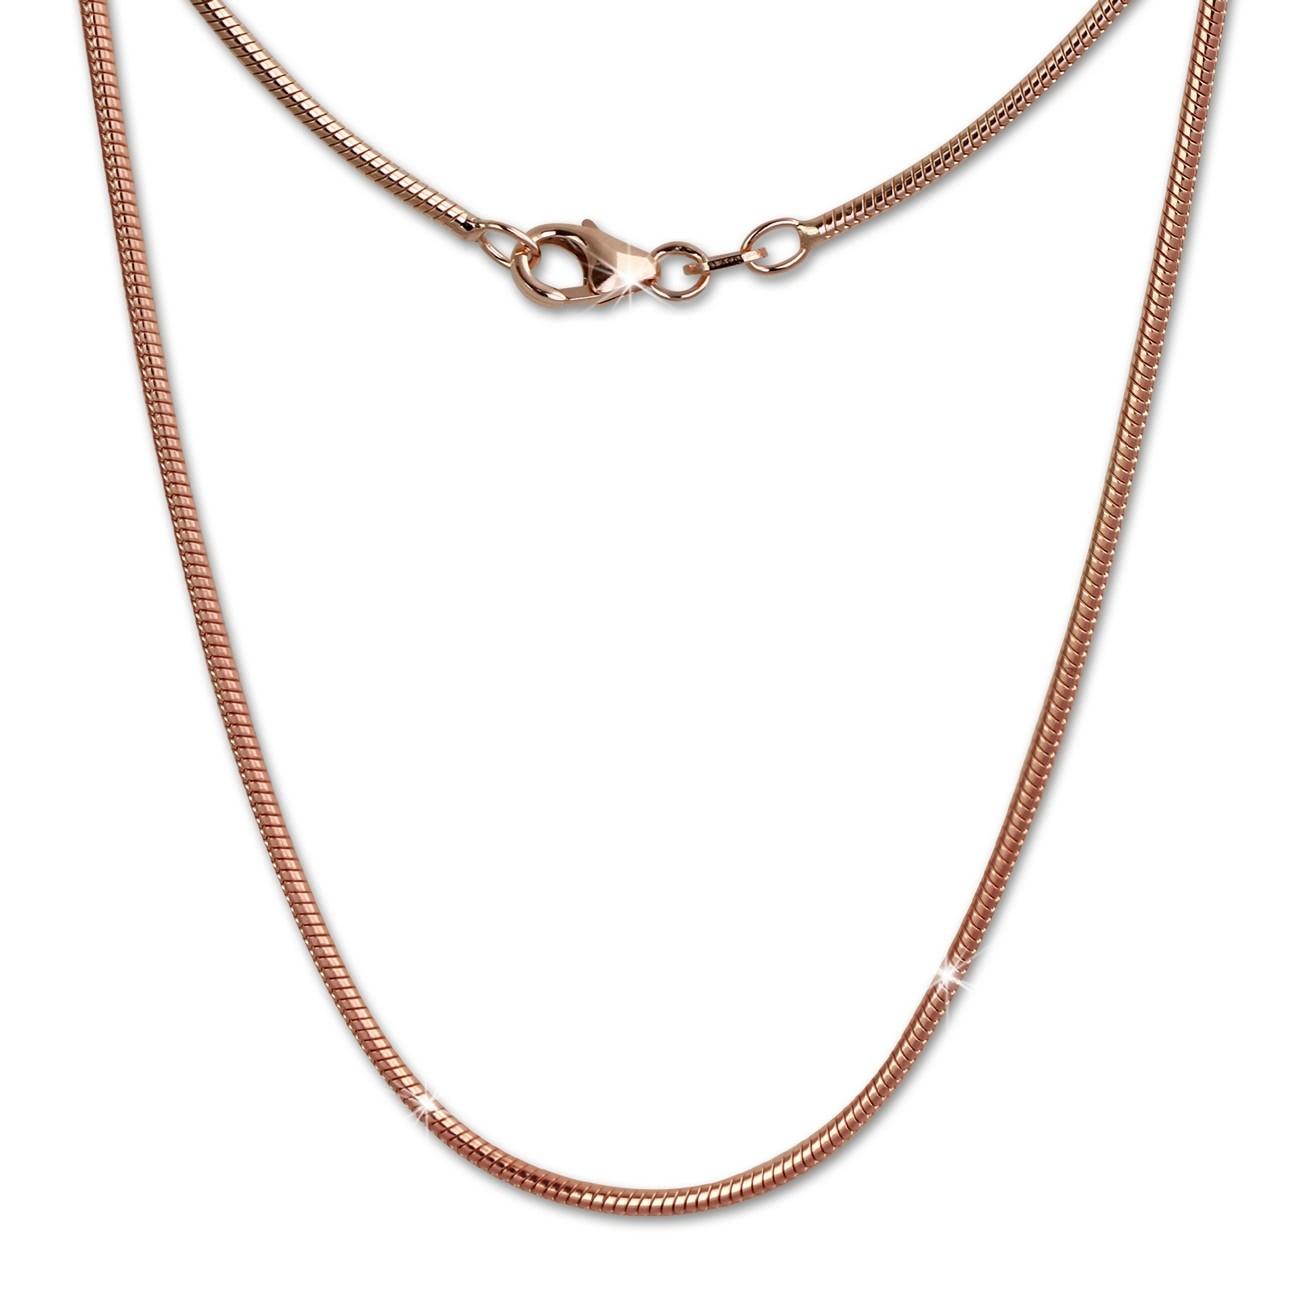 SilberDream Schlangenkette rosevergoldet 925er Silber 70cm Damen Kette SDK27370E